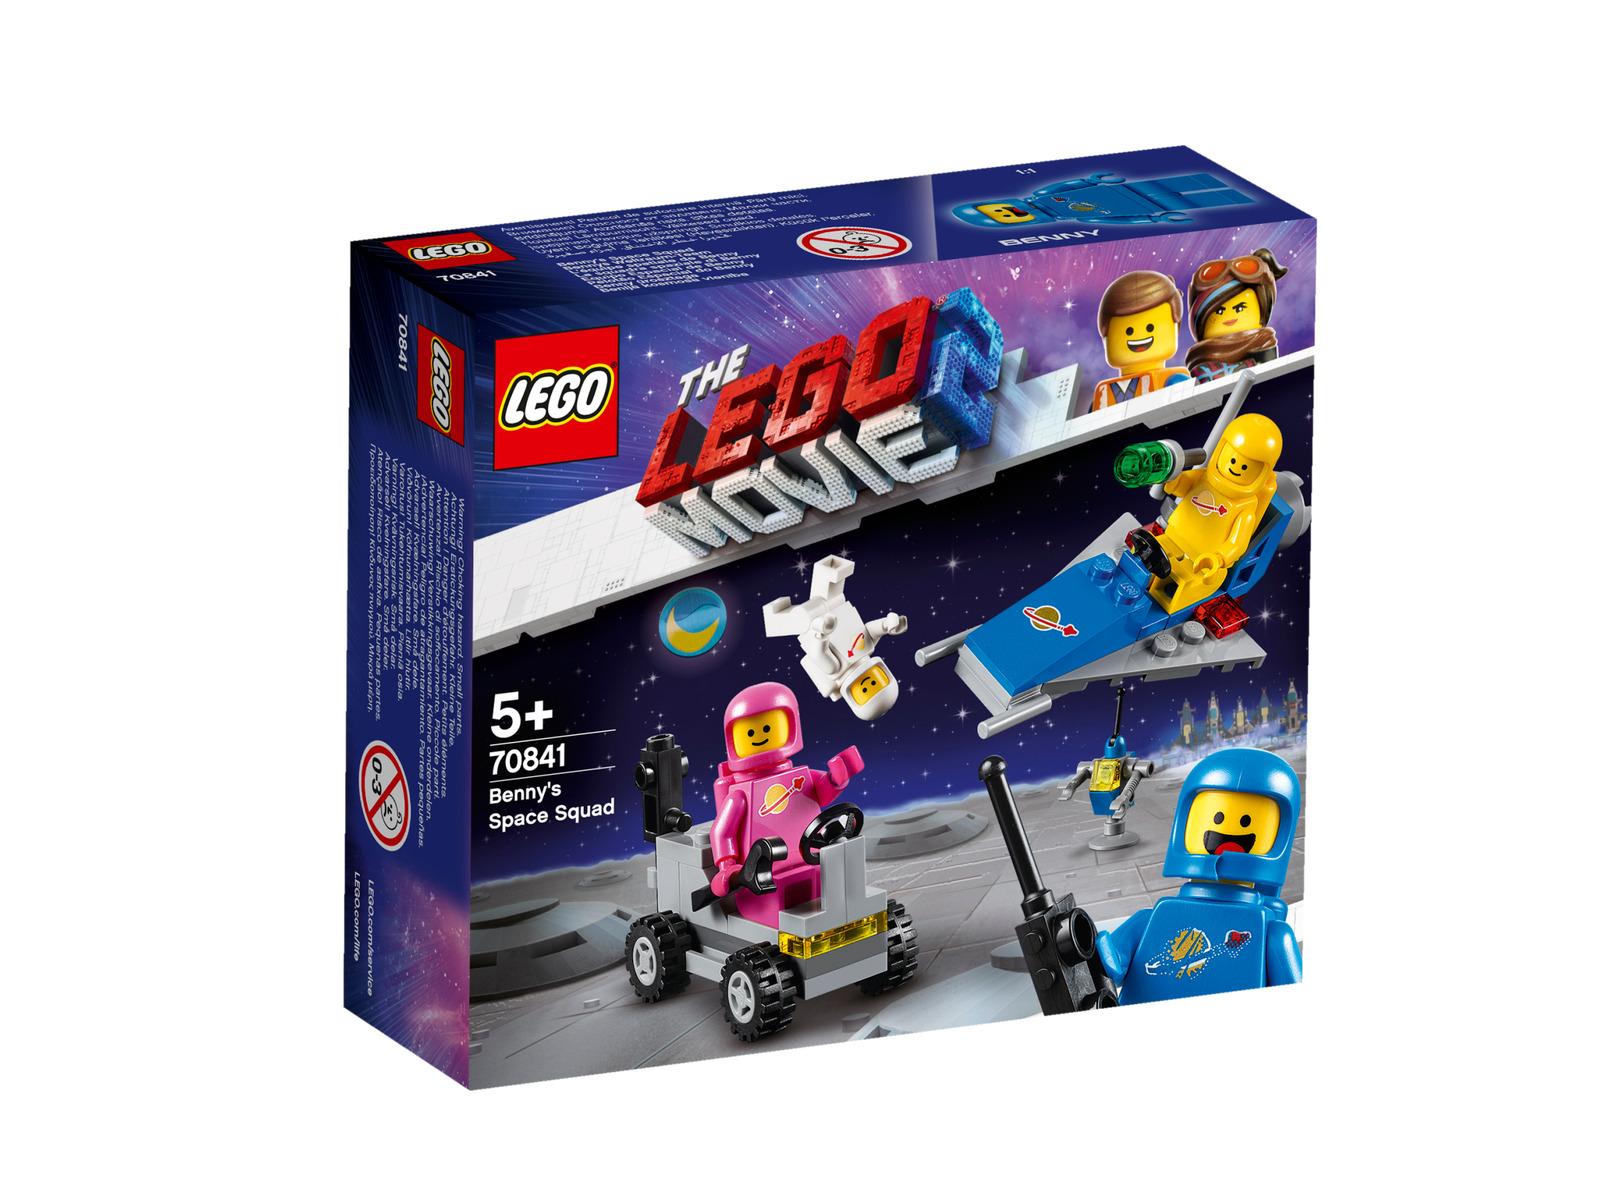 Lego The 70841 Lego Movie 2 Nr. 70841 The 5ef66e